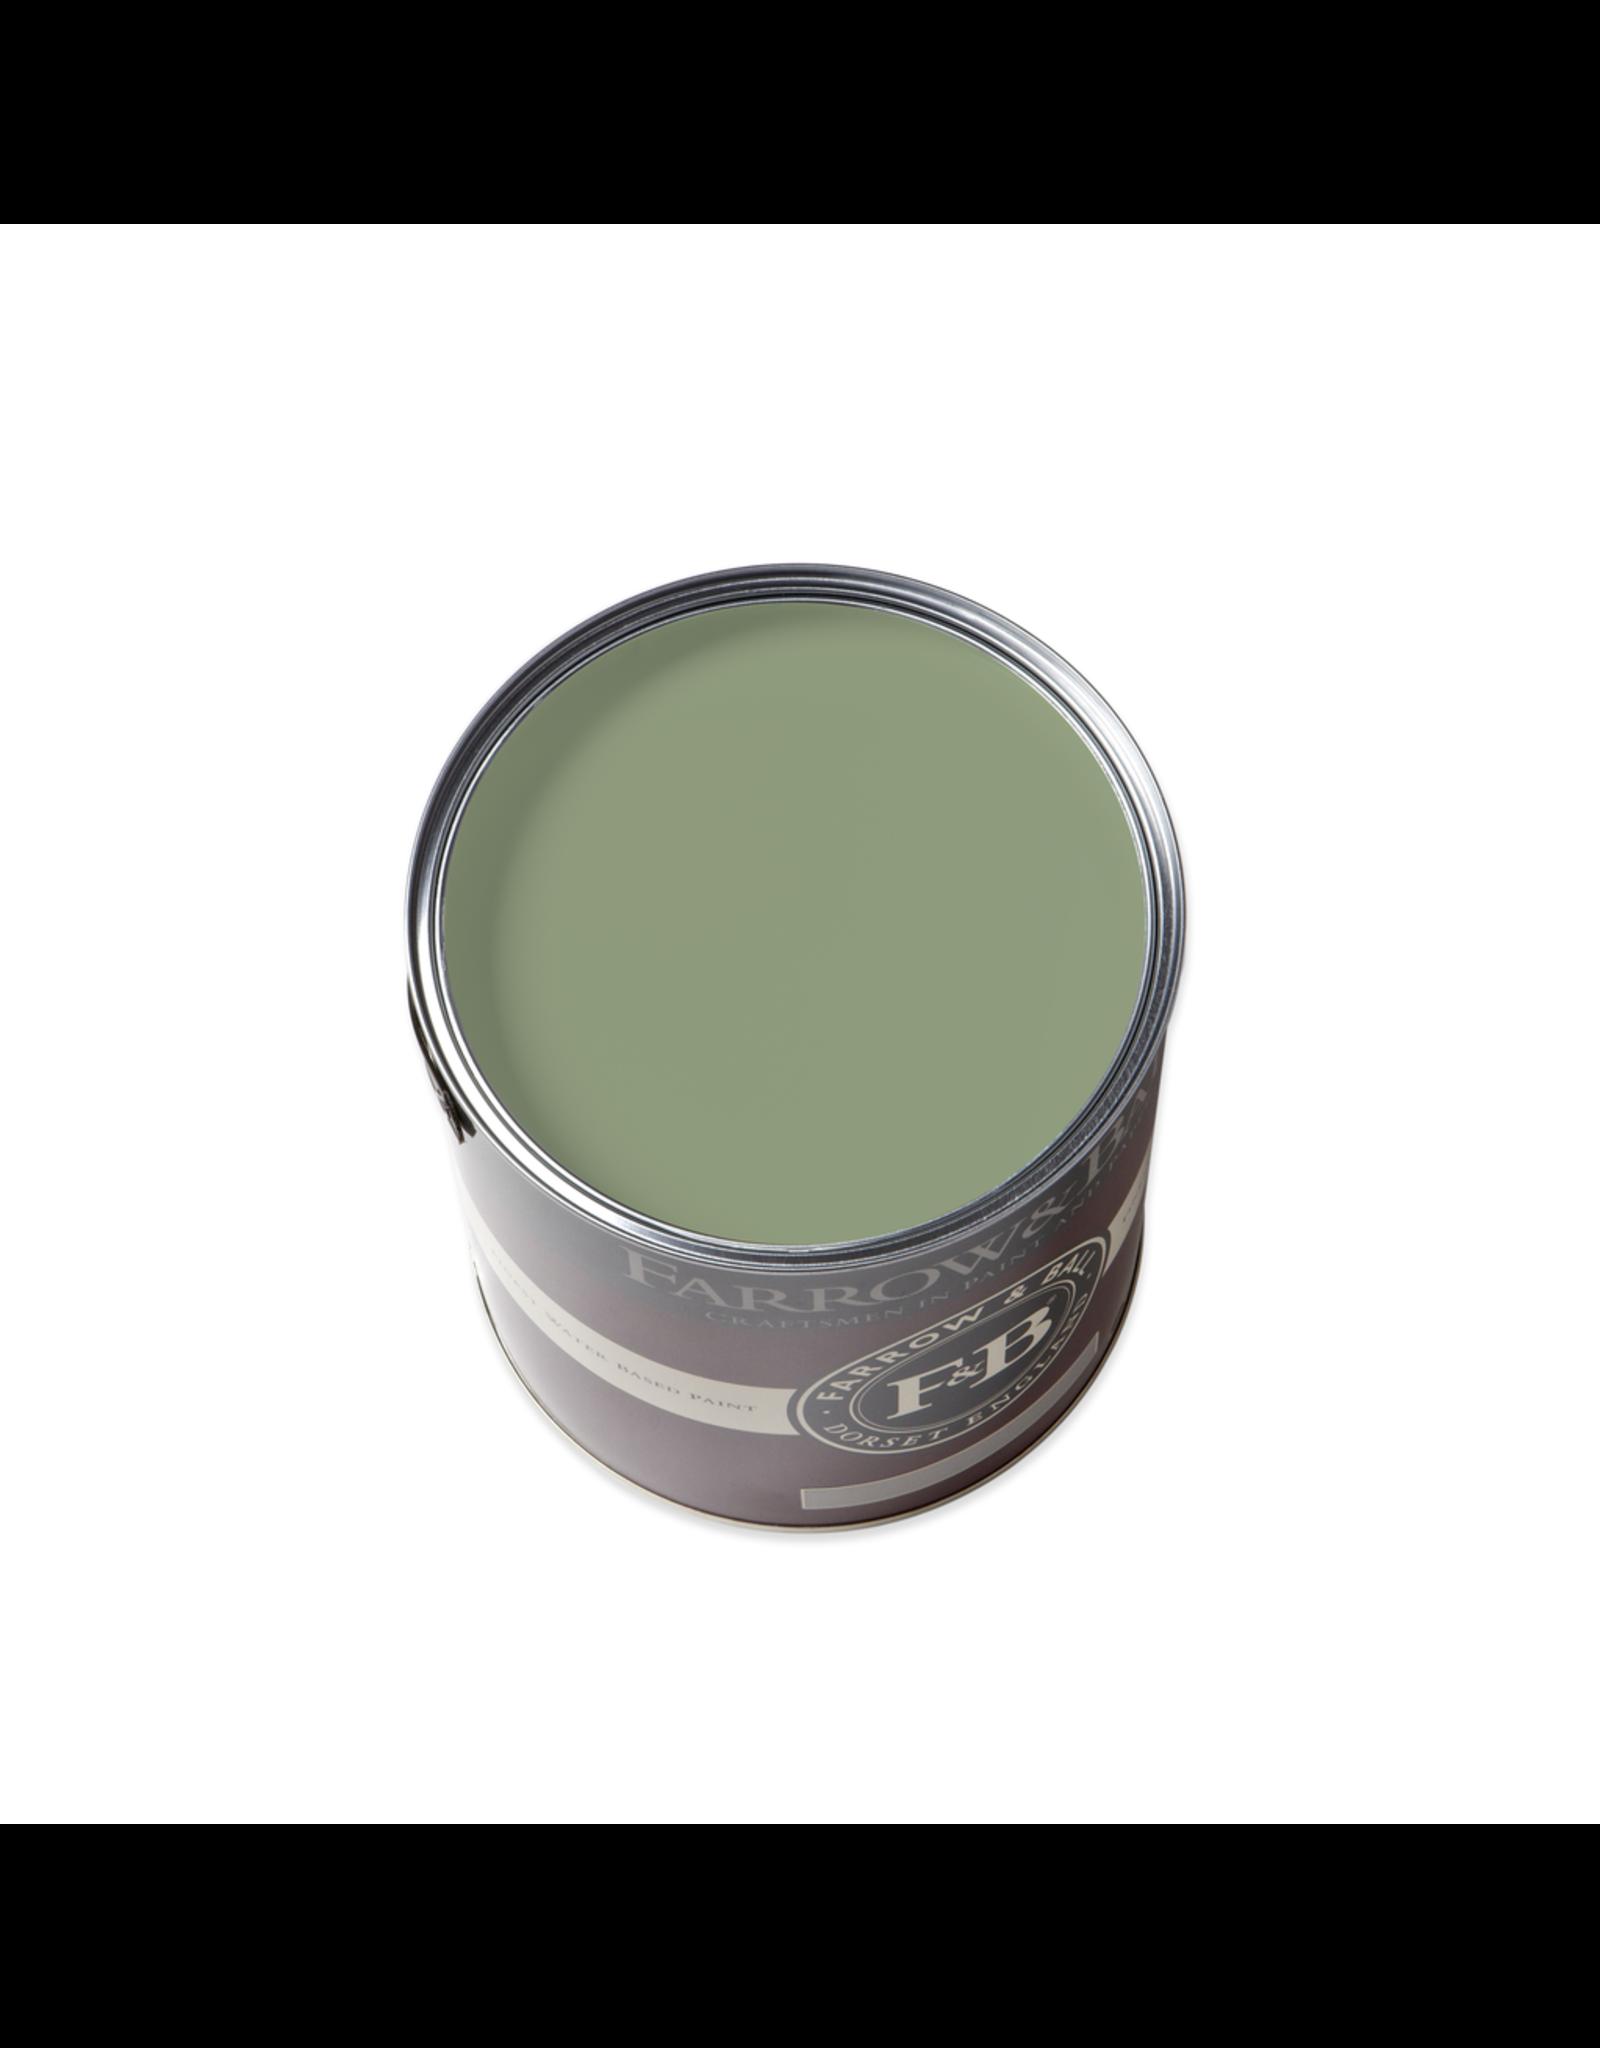 Farrow and Ball Gallon Modern Emulsion Folly Green No. 76